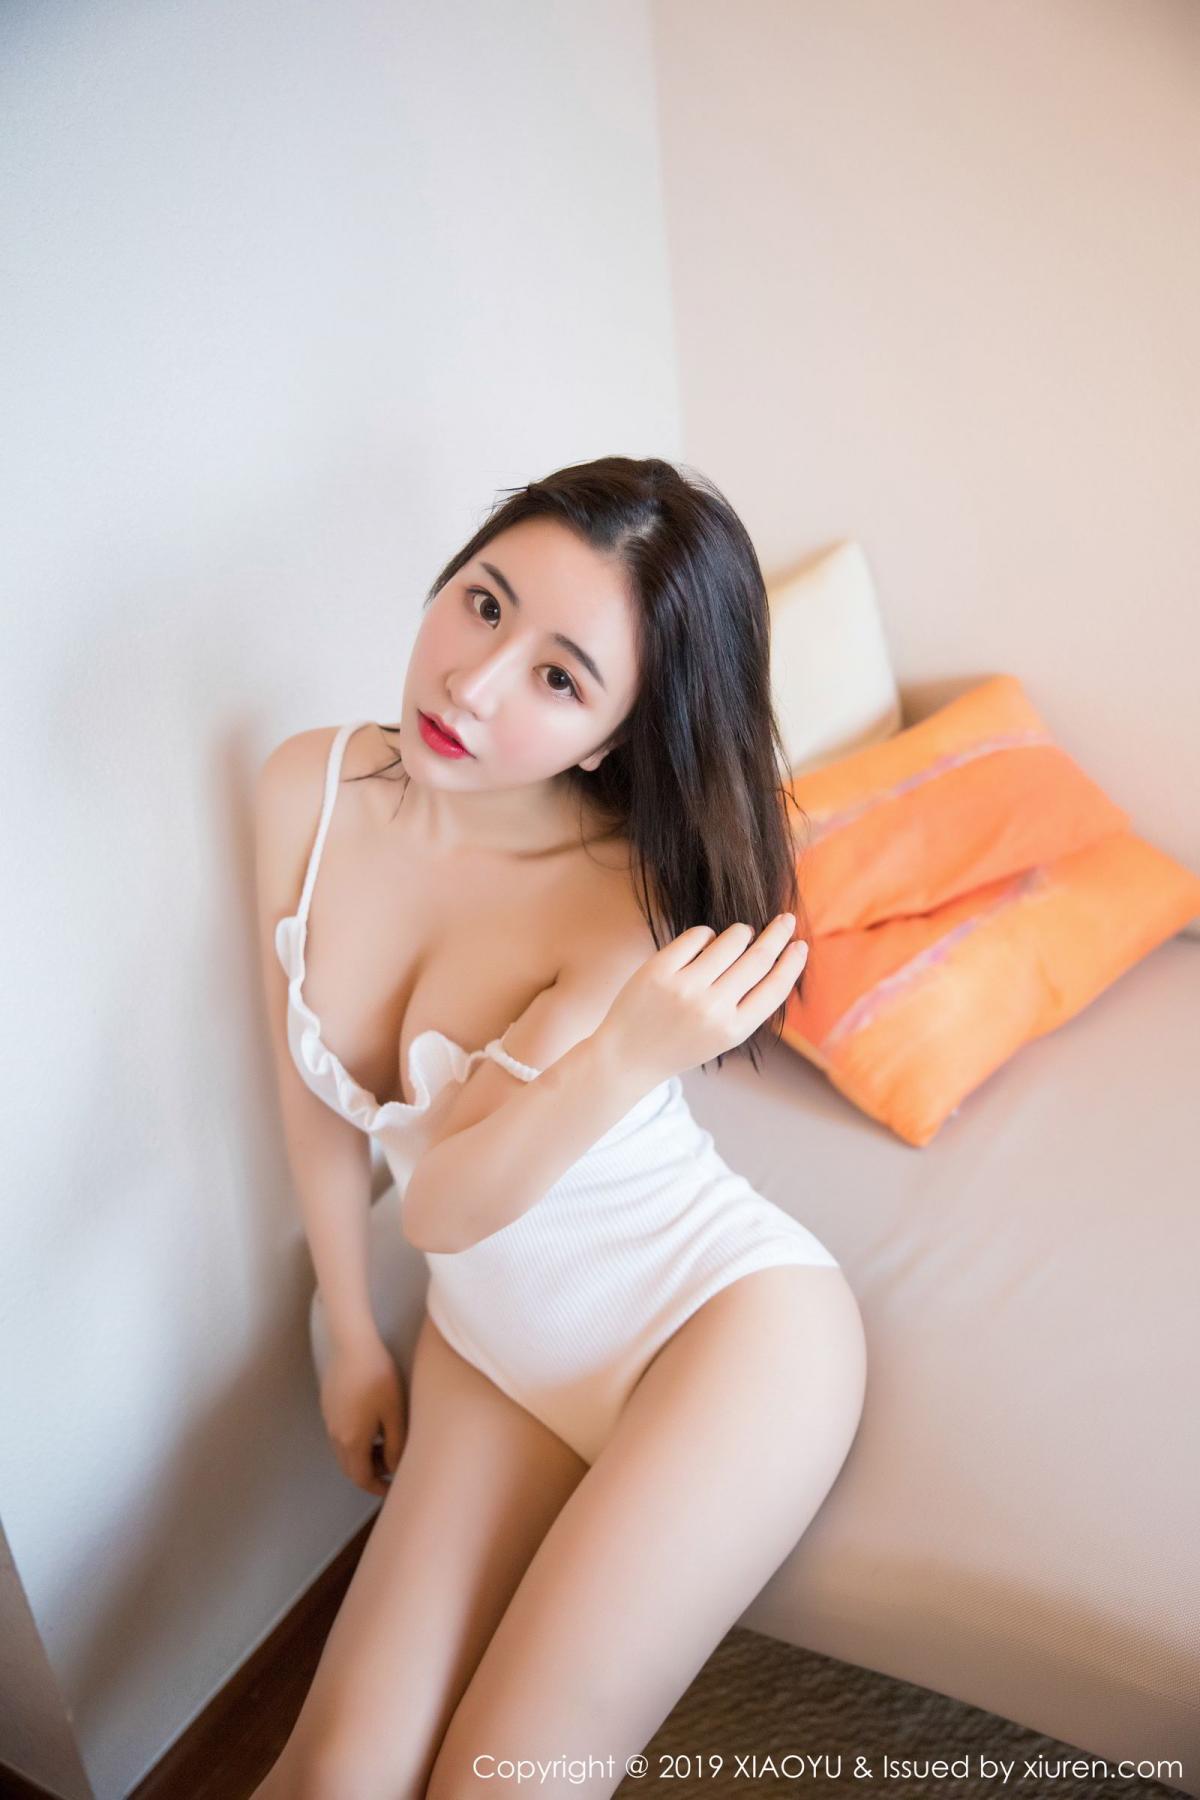 [XiaoYu] Vol.071 Xie Zhi Xin 3P, Bikini, XiaoYu, Xie Zhi Xin